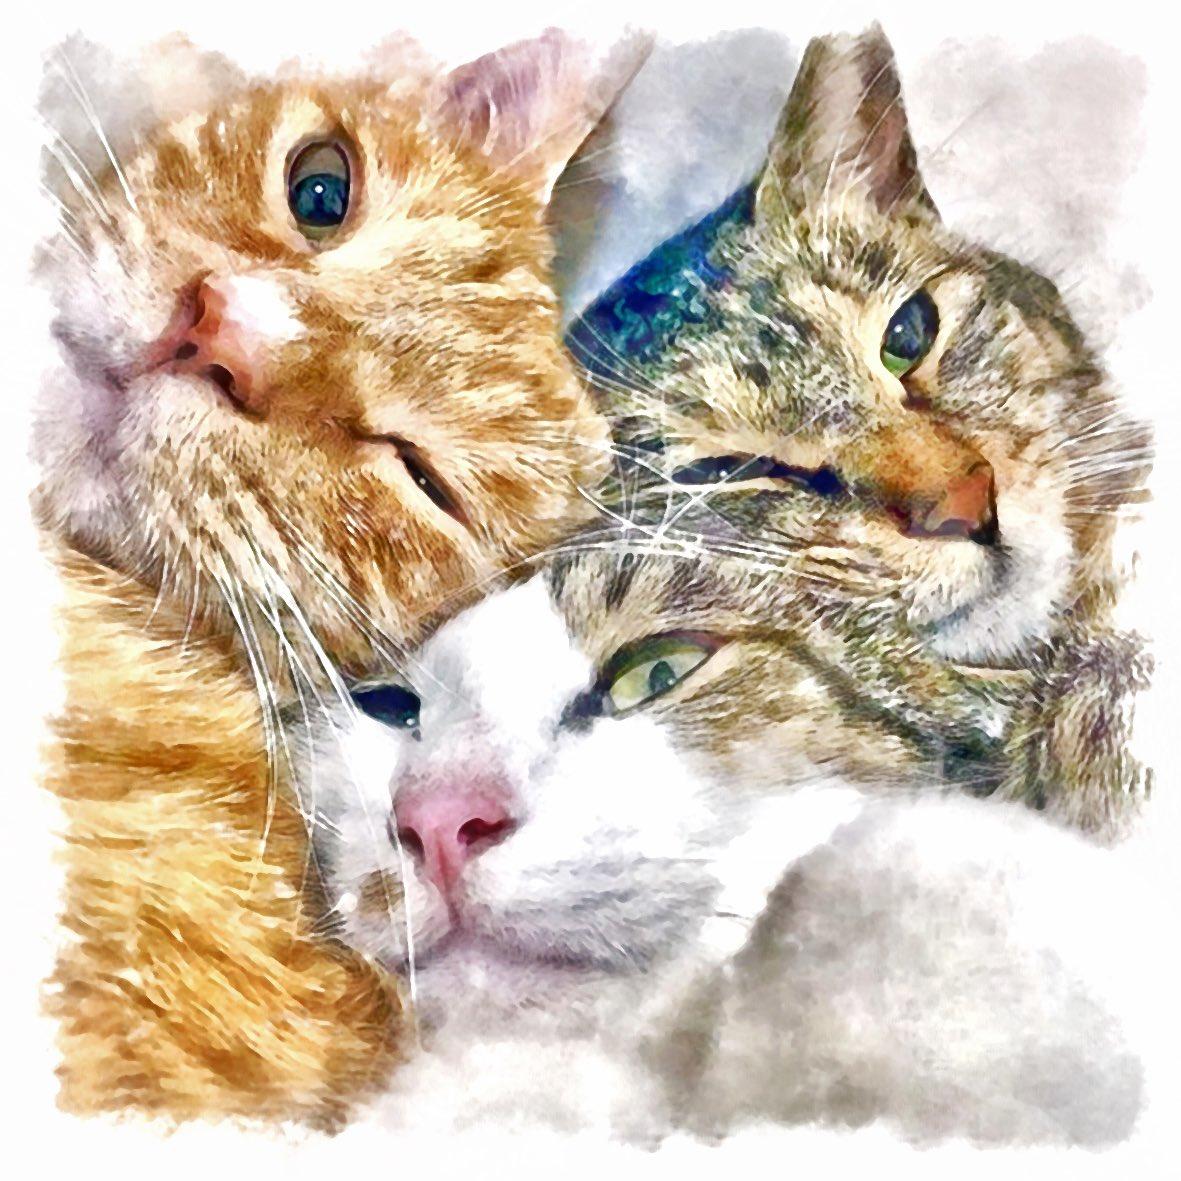 🐱 #picture #絵 #発見 #アート #イラスト #ギャラリー #猫 #cats #猫好き #にゃんすたぐらむ #猫イラスト #猫写真 #保護猫 #猫好きさんと繋がりたい #猫好きな人と繋がりたい #仔猫 #子猫